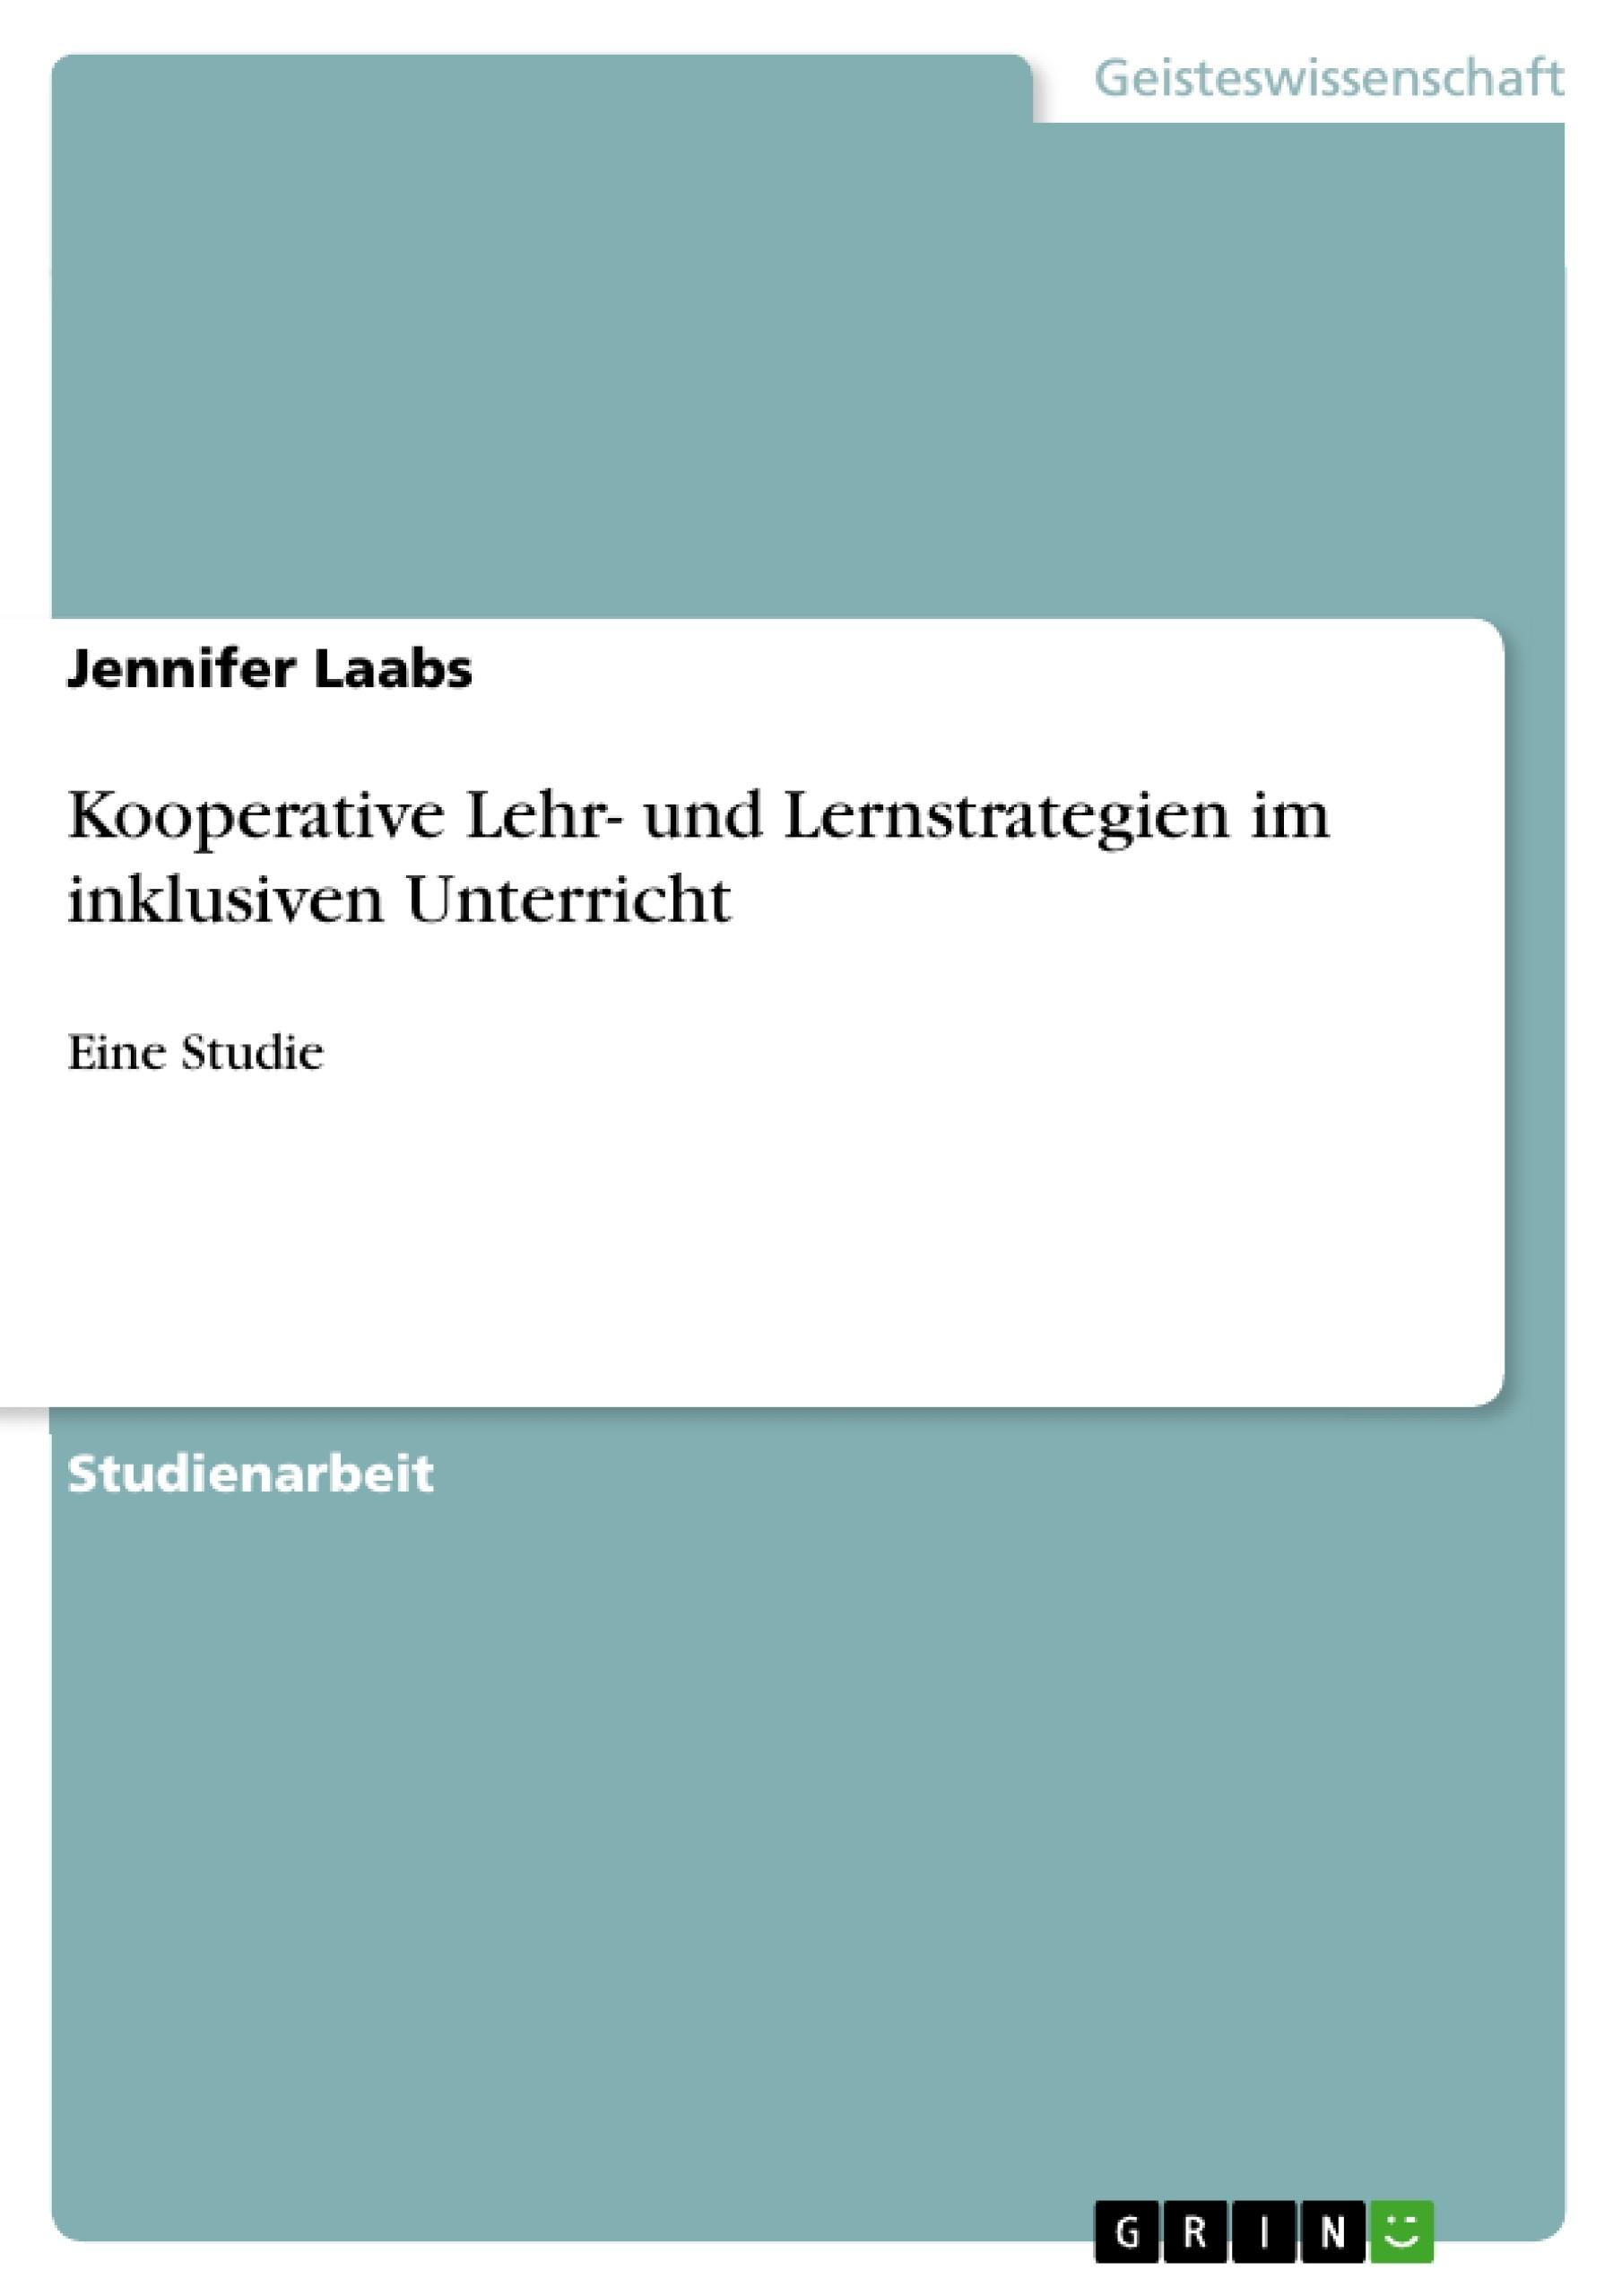 Titel: Kooperative Lehr- und Lernstrategien im inklusiven Unterricht